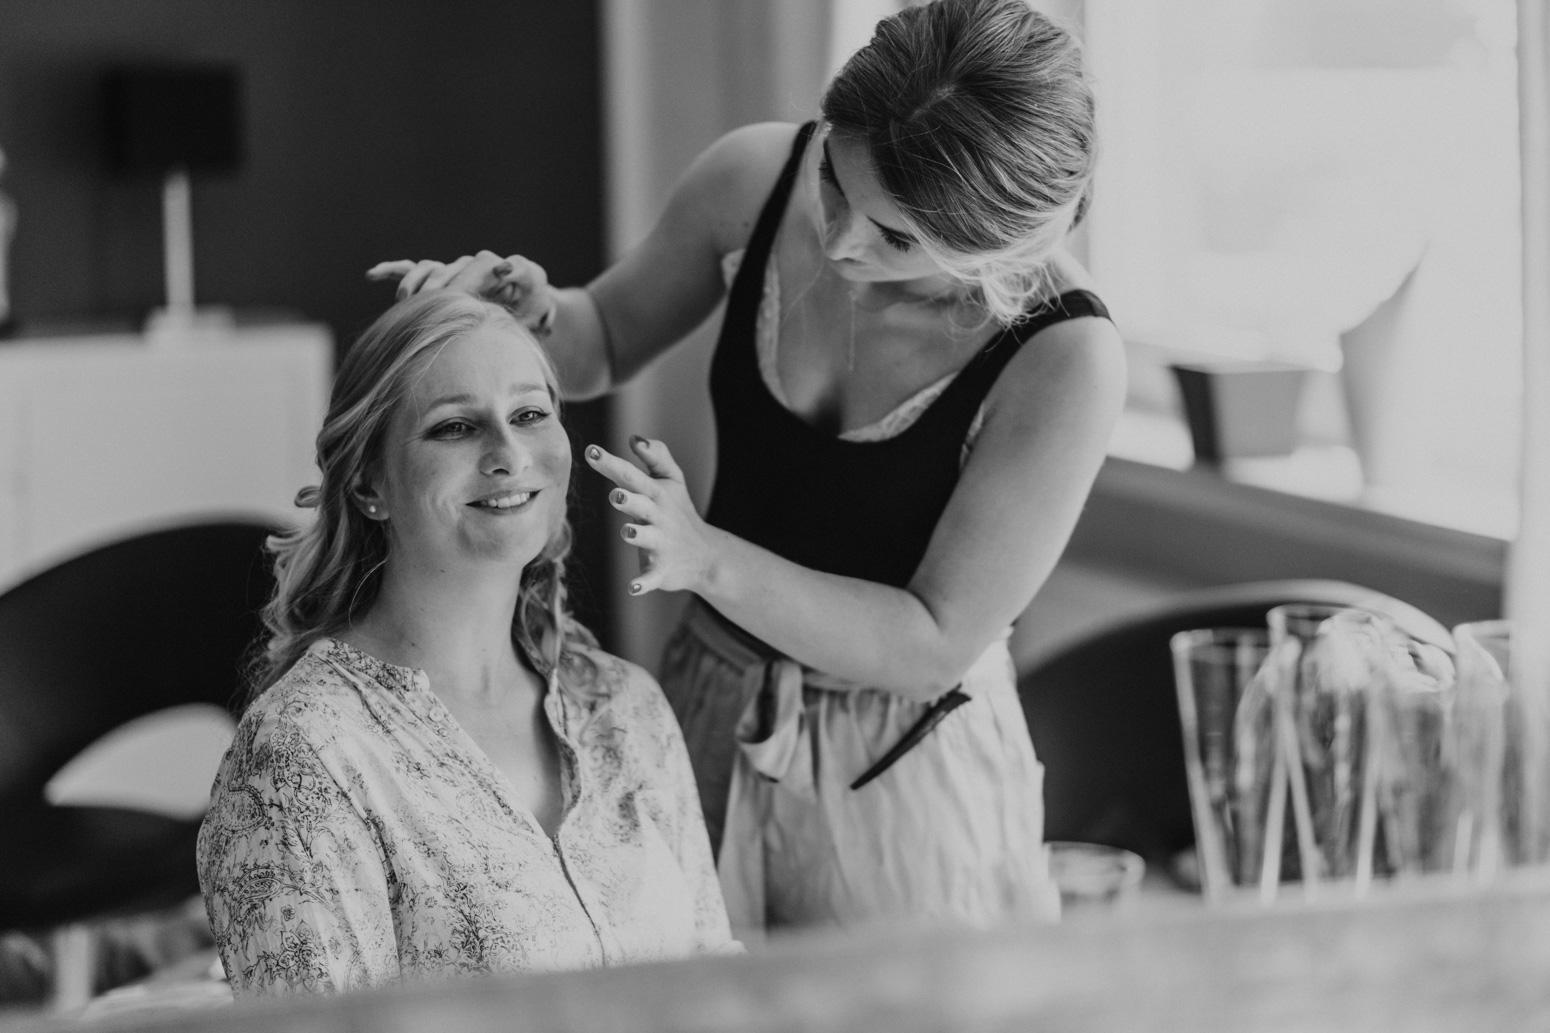 Getting Ready der Braut. Ein Spiegelfoto. Hochzeitsreportage von Daria Becker von Genuine Bonds aus Bonn